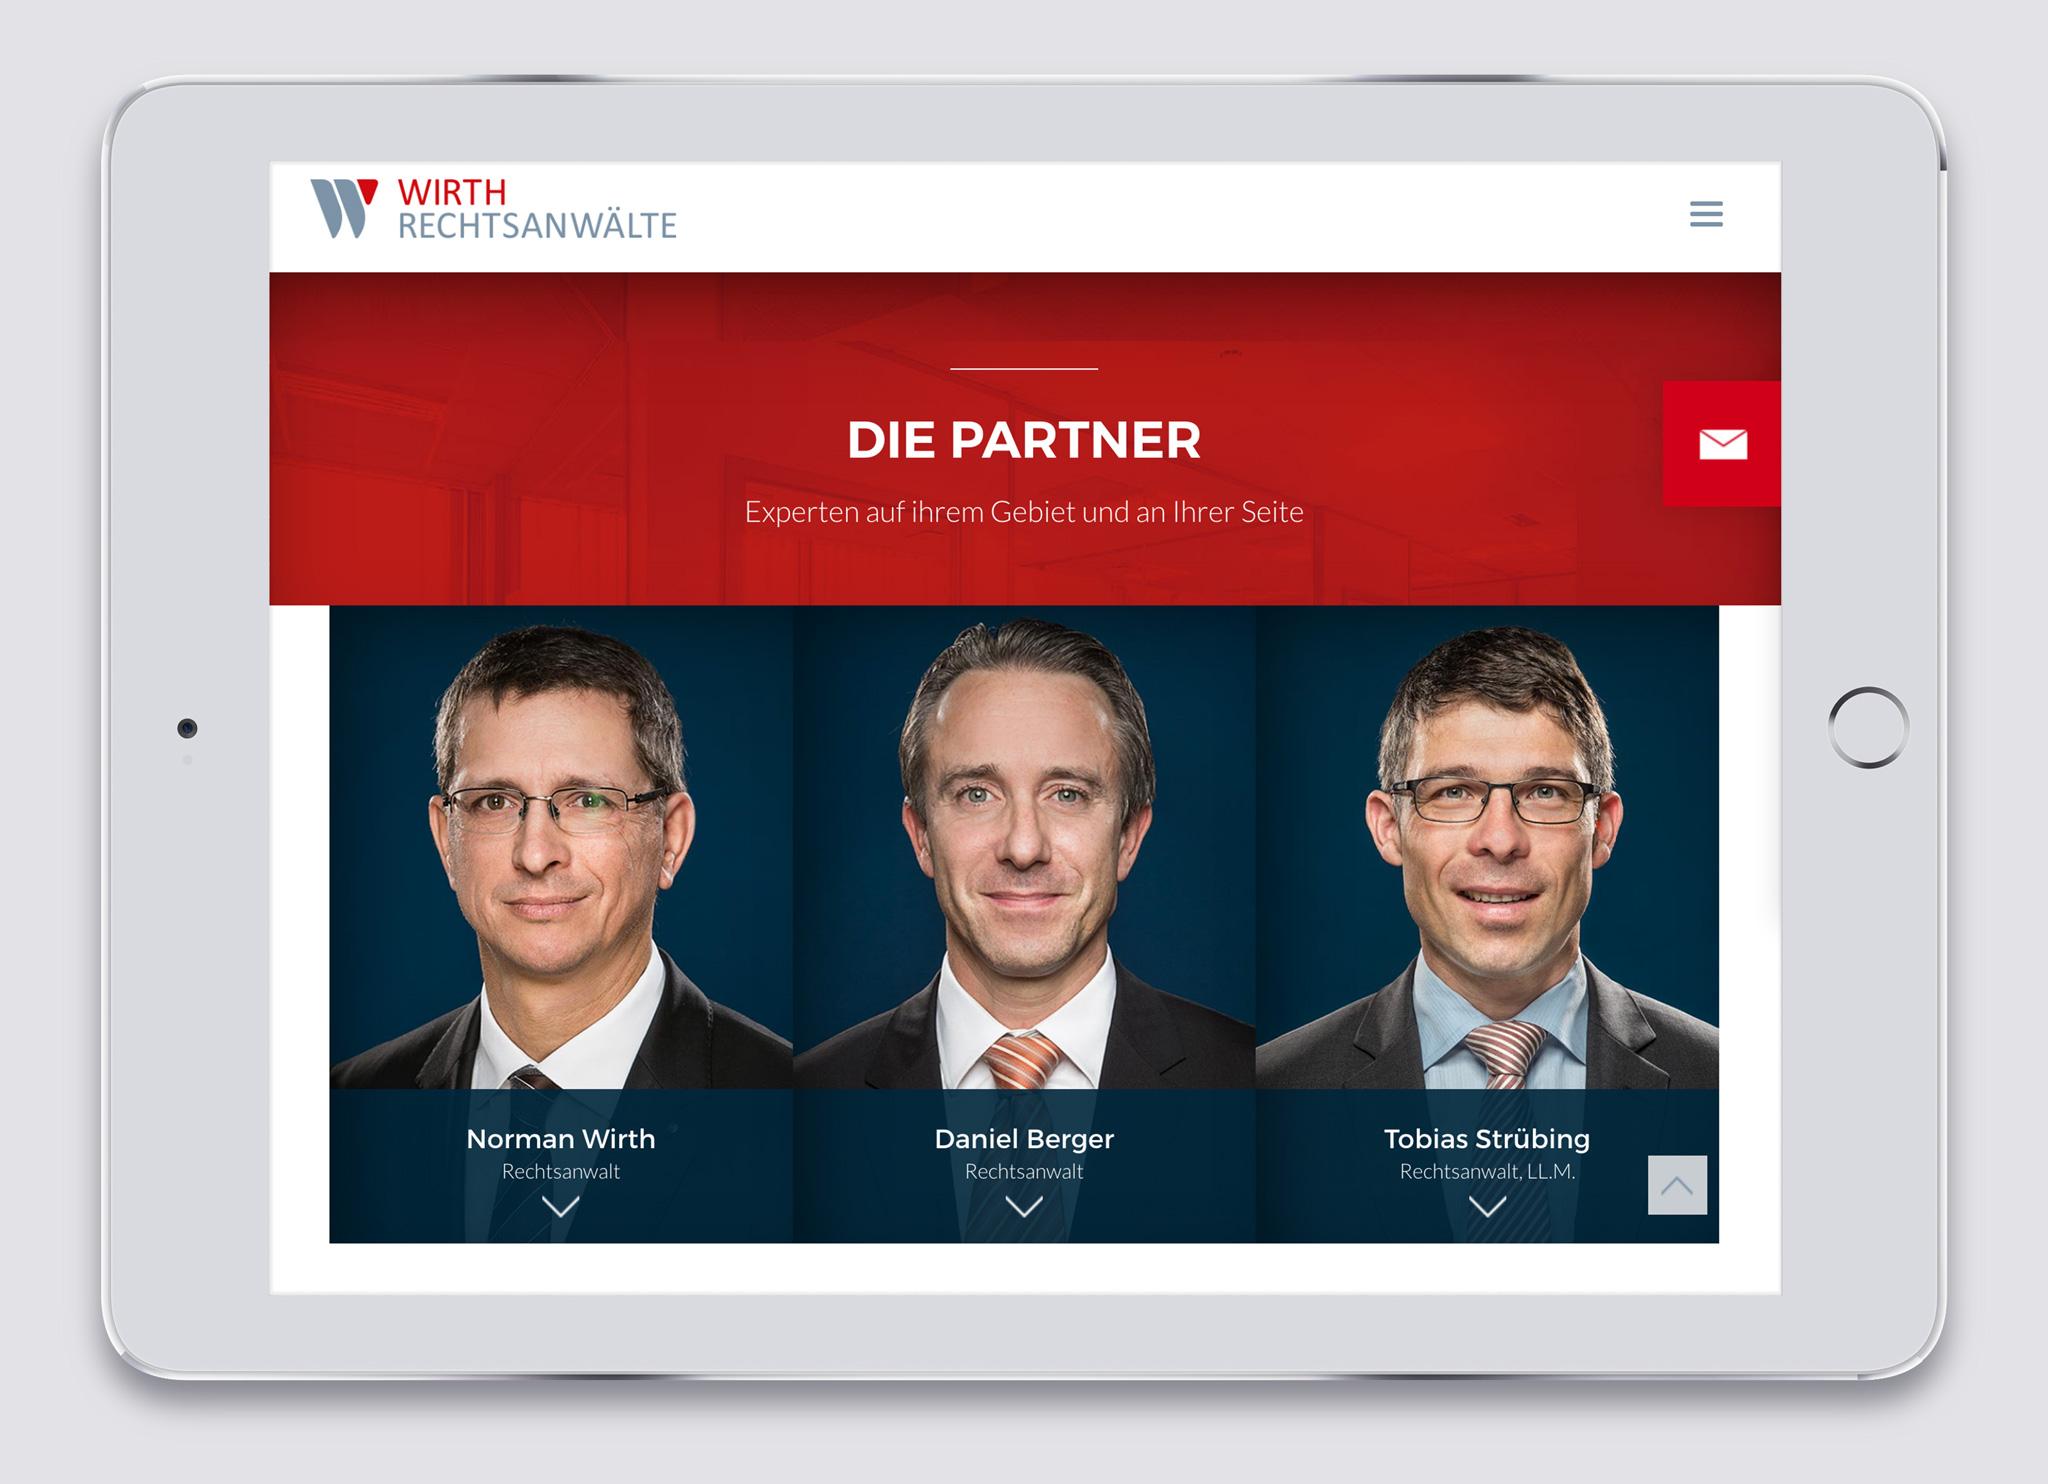 Wirth_iPad_2048_1